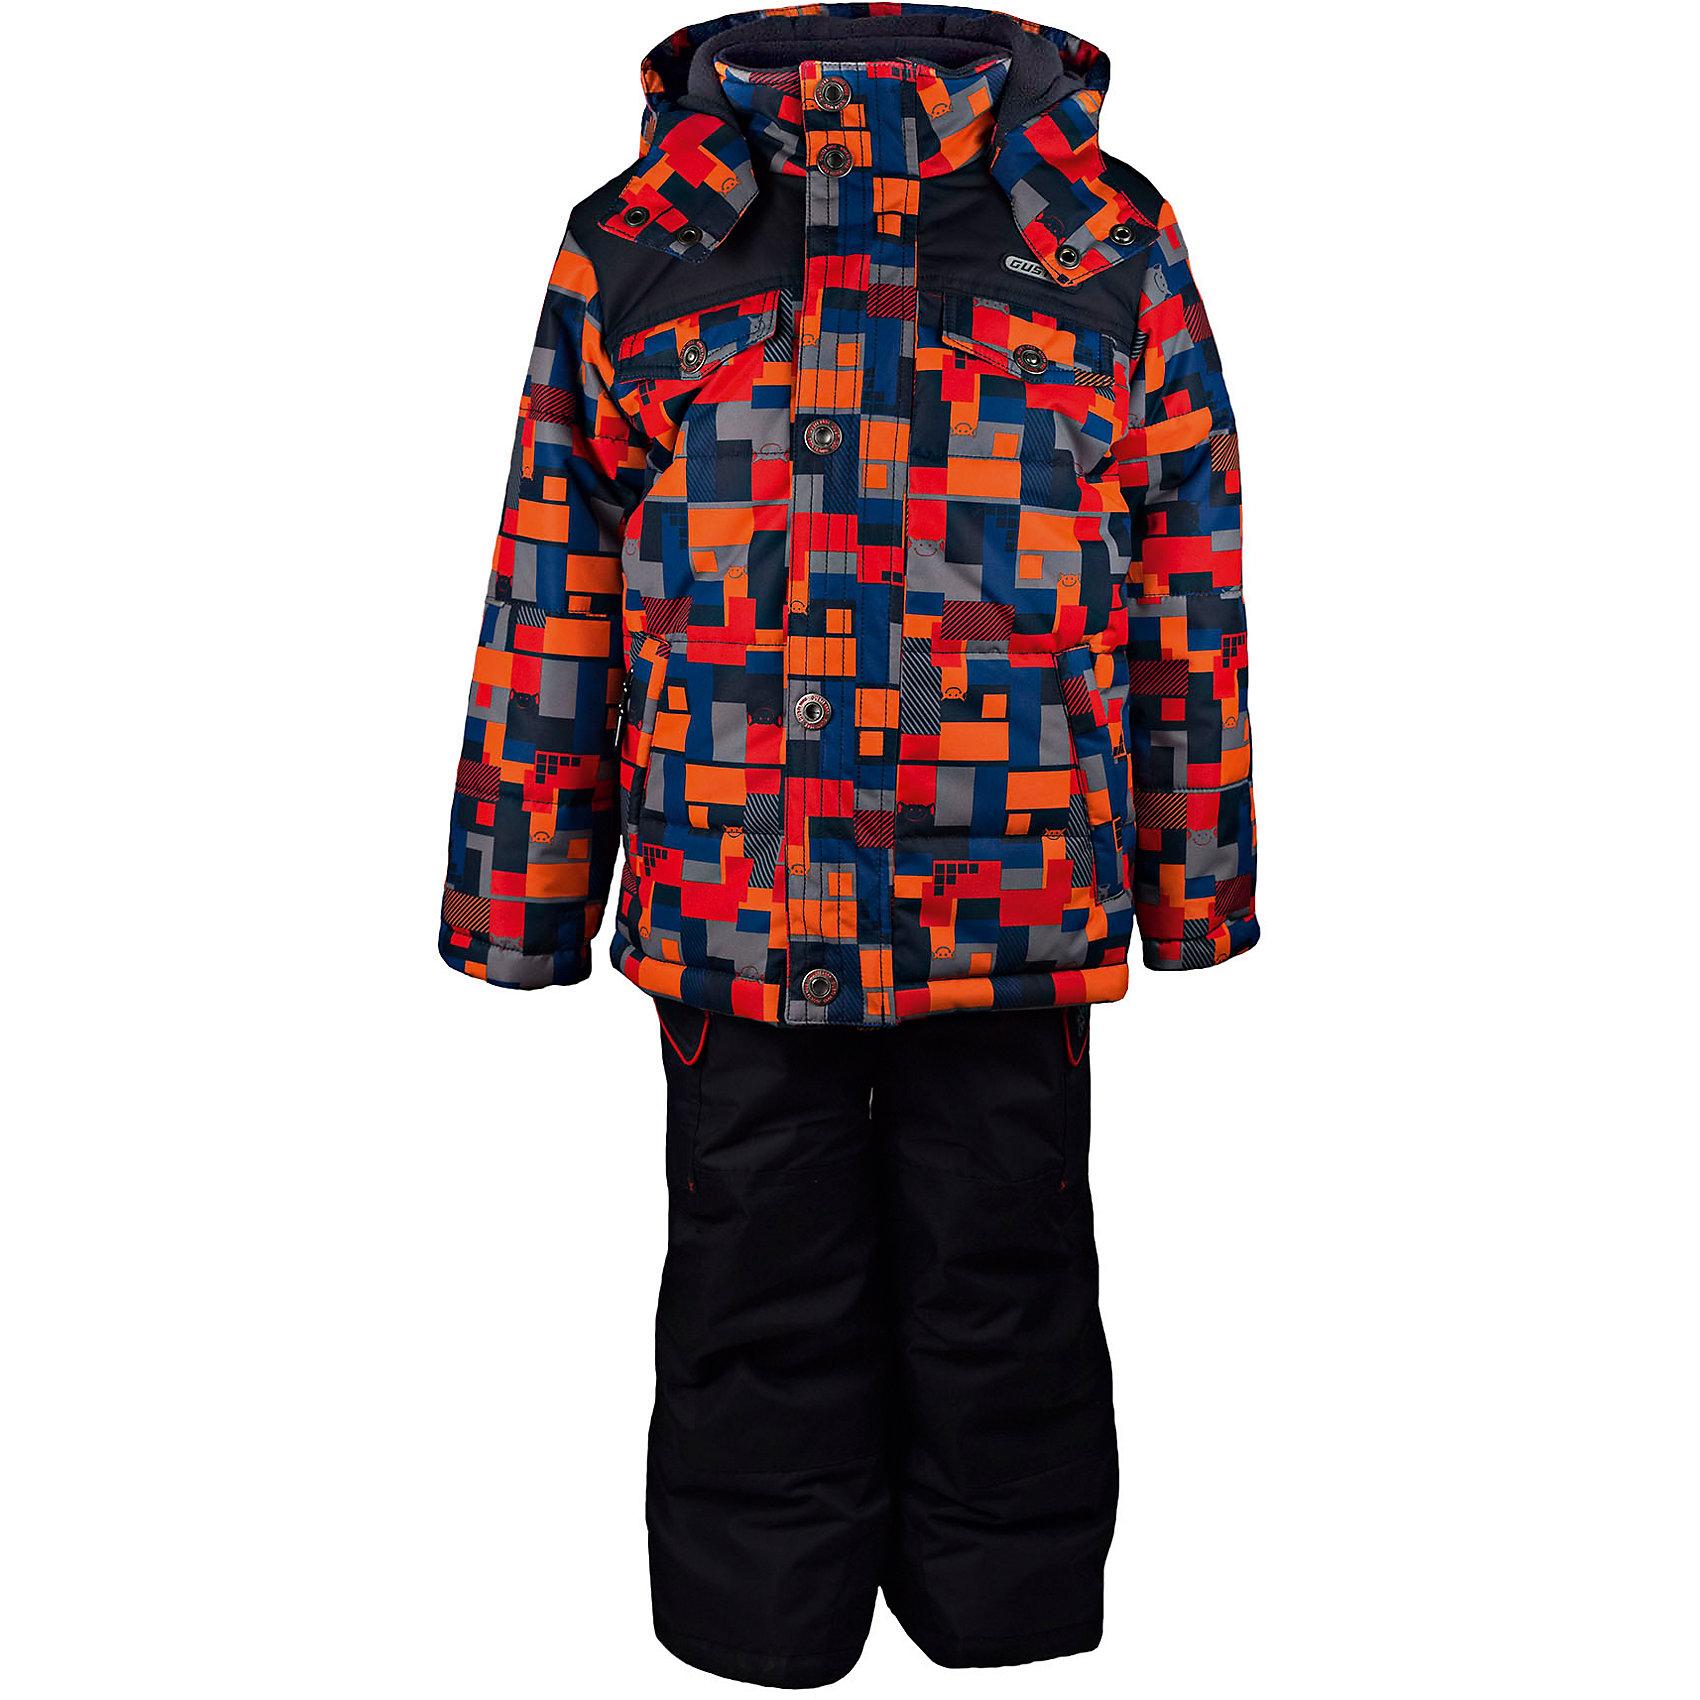 Комплект: куртка и полукомбинезон GUSTIВерхняя одежда<br>Комплект: куртка и полукомбинезон GUSTI (ГУСТИ) – это идеальный вариант для суровой зимы с сильными морозами.<br><br>Температурный режим: до -30  градусов. Степень утепления – высокая. <br><br>* Температурный режим указан приблизительно — необходимо, прежде всего, ориентироваться на ощущения ребенка. Температурный режим работает в случае соблюдения правила многослойности – использования флисовой поддевы и термобелья.<br><br>Комплект от GUSTI (ГУСТИ) состоит из куртки и полукомбинезона прямого кроя, выполненных из плотного непромокаемого материала с защитной от влаги мембраной 5000 мм. Тань хорошо сохраняет тепло, отталкивает влагу и позволяет коже ребенка дышать. Утеплитель из тек-полифилла и флисовая внутренняя отделка на груди и на спинке дают возможность использовать комплект при очень низких температурах. Куртка застегивается на молнию с ветрозащитной планкой, имеет два накладных кармана с клапанами и два внутренних кармана на застежках-молниях, снегозащитную юбку, трикотажные манжеты в рукавах, отстёгивающийся прилегающий капюшон с флисовой подкладкой. Полукомбинезон застегивается на молнию, имеет два накладных кармана с клапанами на липучках, регулируемые лямки, снегозащитные гетры. Длина брючин регулируется (отворот с креплением на липе). Сзади, на коленях, и по низу брючин имеется дополнительный слой ткани Cordura Oxford (сверхстойкий полиэстер). До размера 6х (120 см.) у полукомбинезона высокая грудка, в размерах 7 (122 см.) - 14 (164см) отстегивающаяся спинка, грудки нет. Модель подходит для прогулок на морозе до -30 градусов.<br><br>Дополнительная информация:<br><br>- Сезон: зима<br>- Пол: мальчик<br>- Цвет: оранжевый, красный, синий, серый, черный<br>- Узор: мозаика<br>- Температурный режим до -30 градусов<br>- Материал верха: куртка - shuss 5000мм (100% полиэстер); брюки - taslan 5000мм, накладки Cordura Oxford сзади, на коленях, и по низу брючин<br>- Наполнитель: куртка - тек-полифилл плотностью 